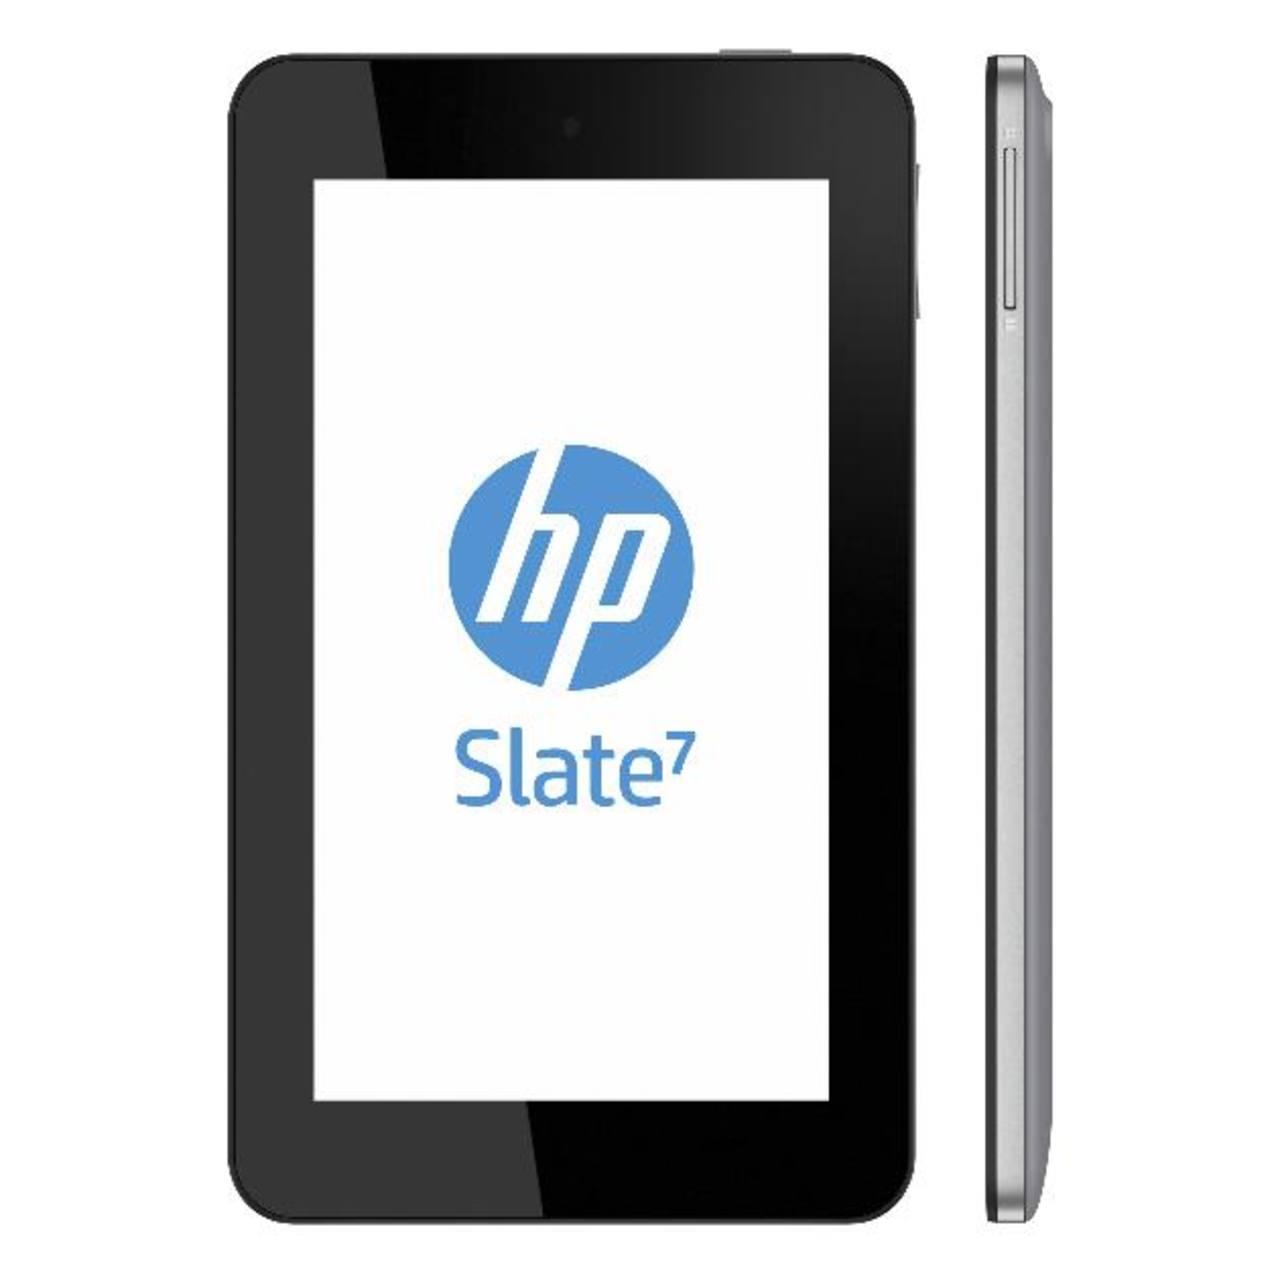 HP Slate7 está disponible en Estados Unidos a un precio inicial de $169 dólares. En Latinoamérica, los precios varían. Foto EDH